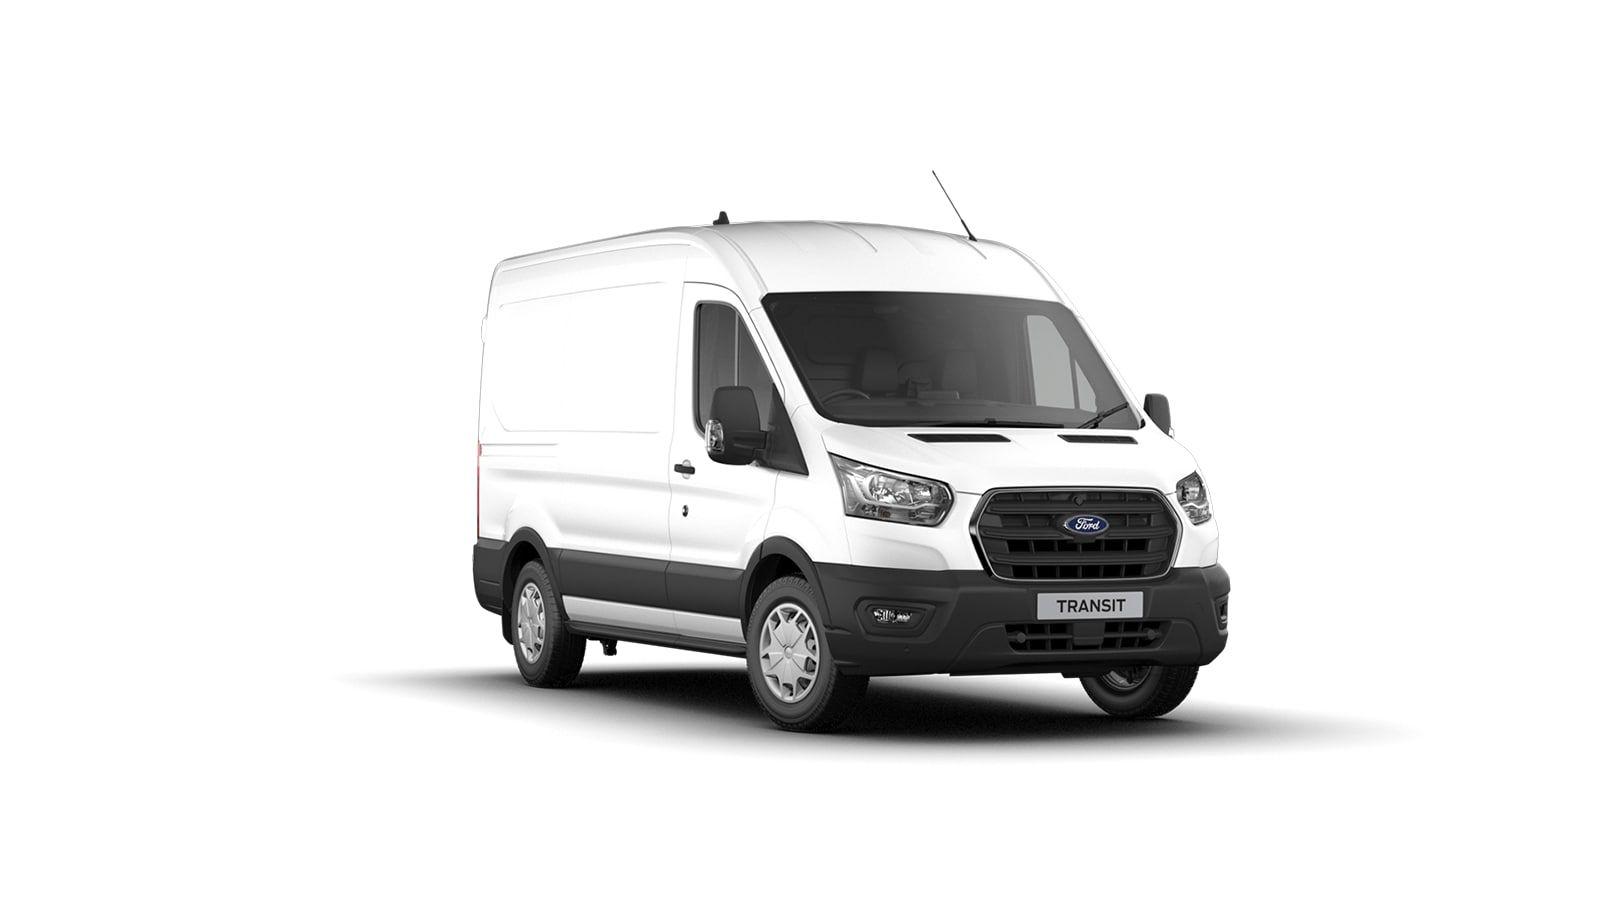 Nieuw Ford Transit 2t mca 350E Chassis enkele cabine L4 Trend/zonder laadbak M6 2.0 TD AXW - niet-metaalkleur: Frozen White 1